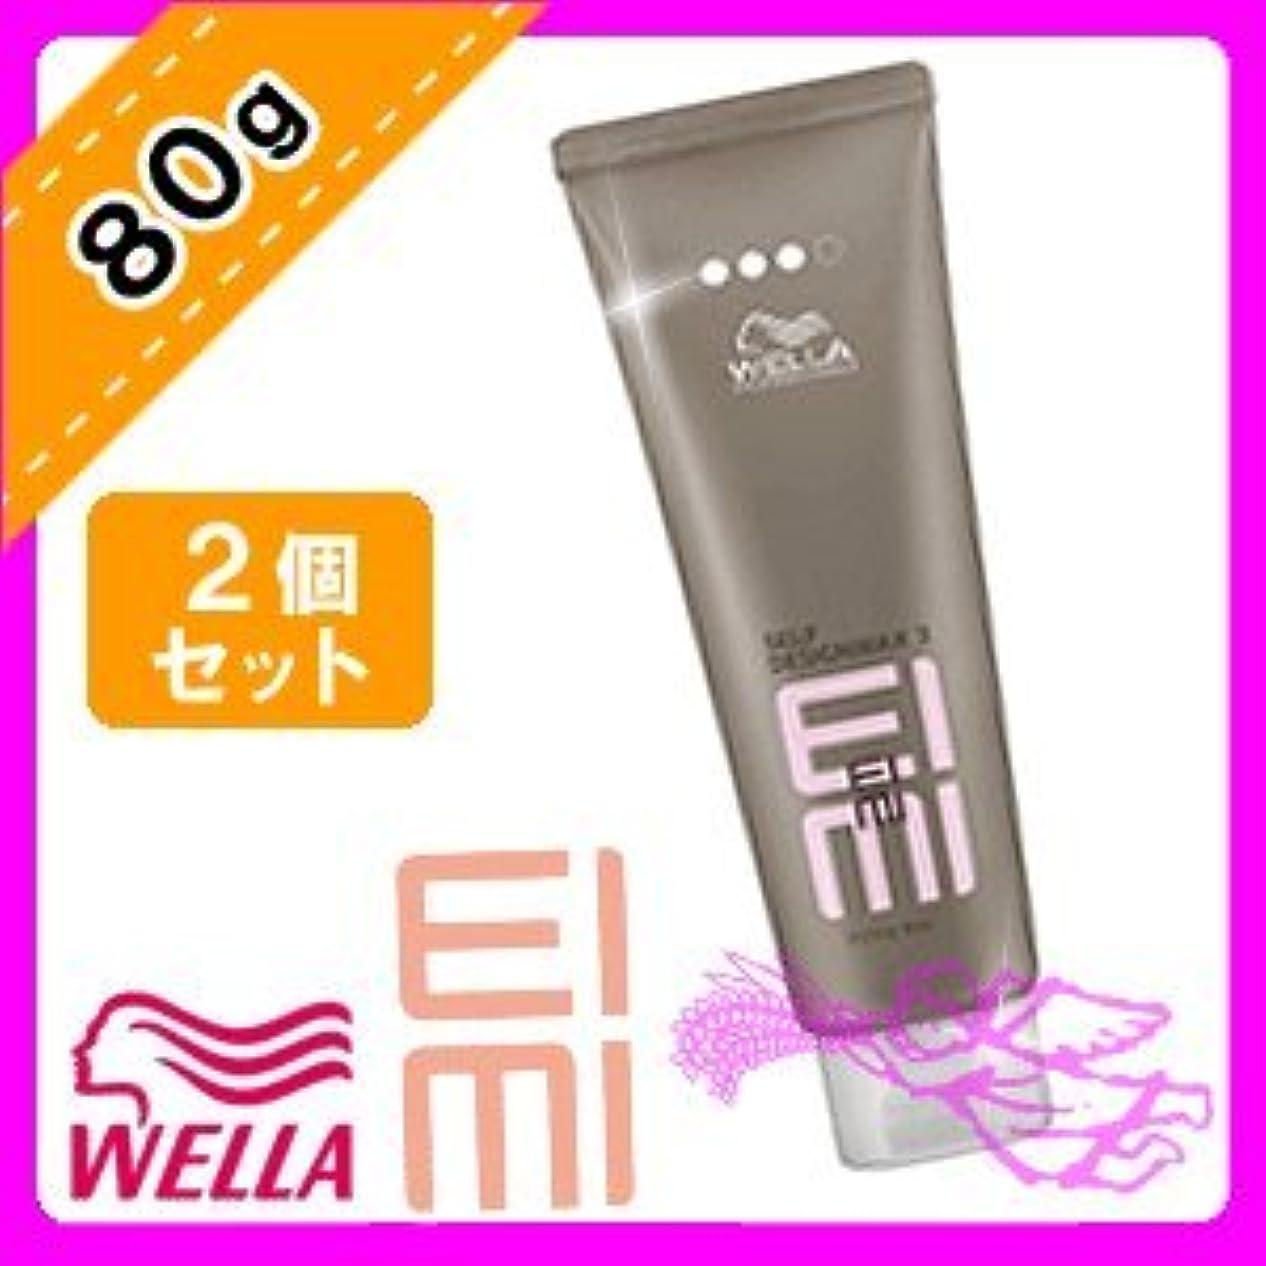 到着する用心深いあなたが良くなりますウエラ EIMI(アイミィ) セルフデザインワックス3 80g ×2個 セット WELLA P&G